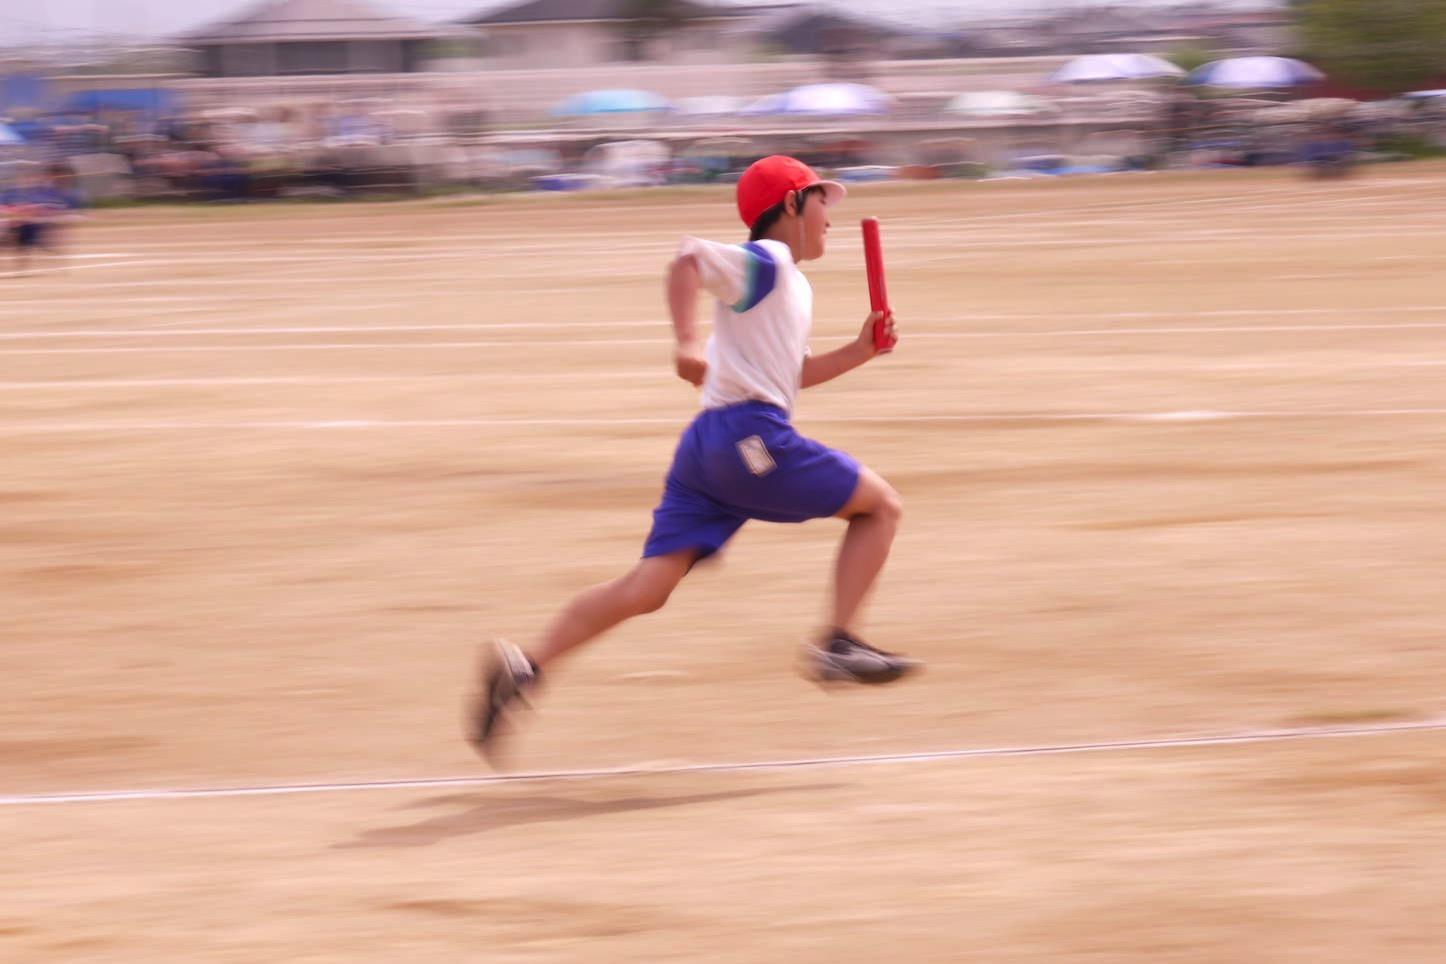 運動会で頑張る少年